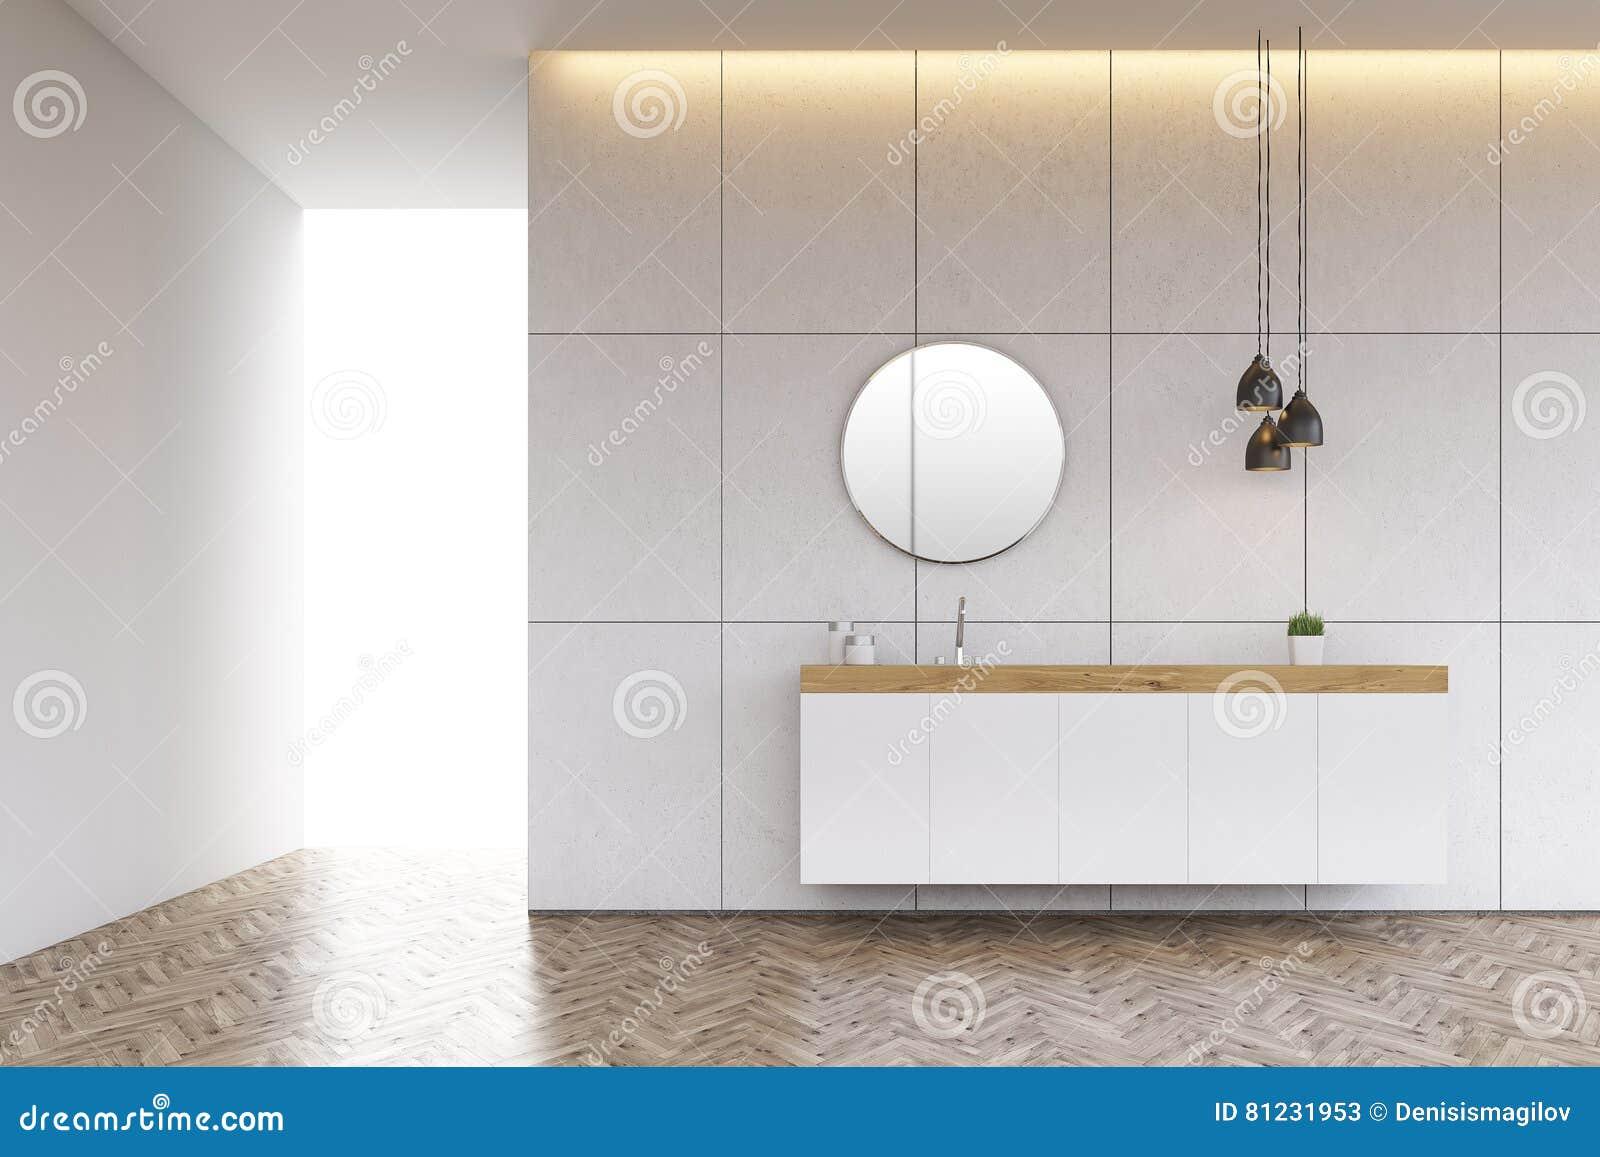 Specchio Per Lavandino Angolare lavandino del bagno con lo specchio rotondo sulla parete